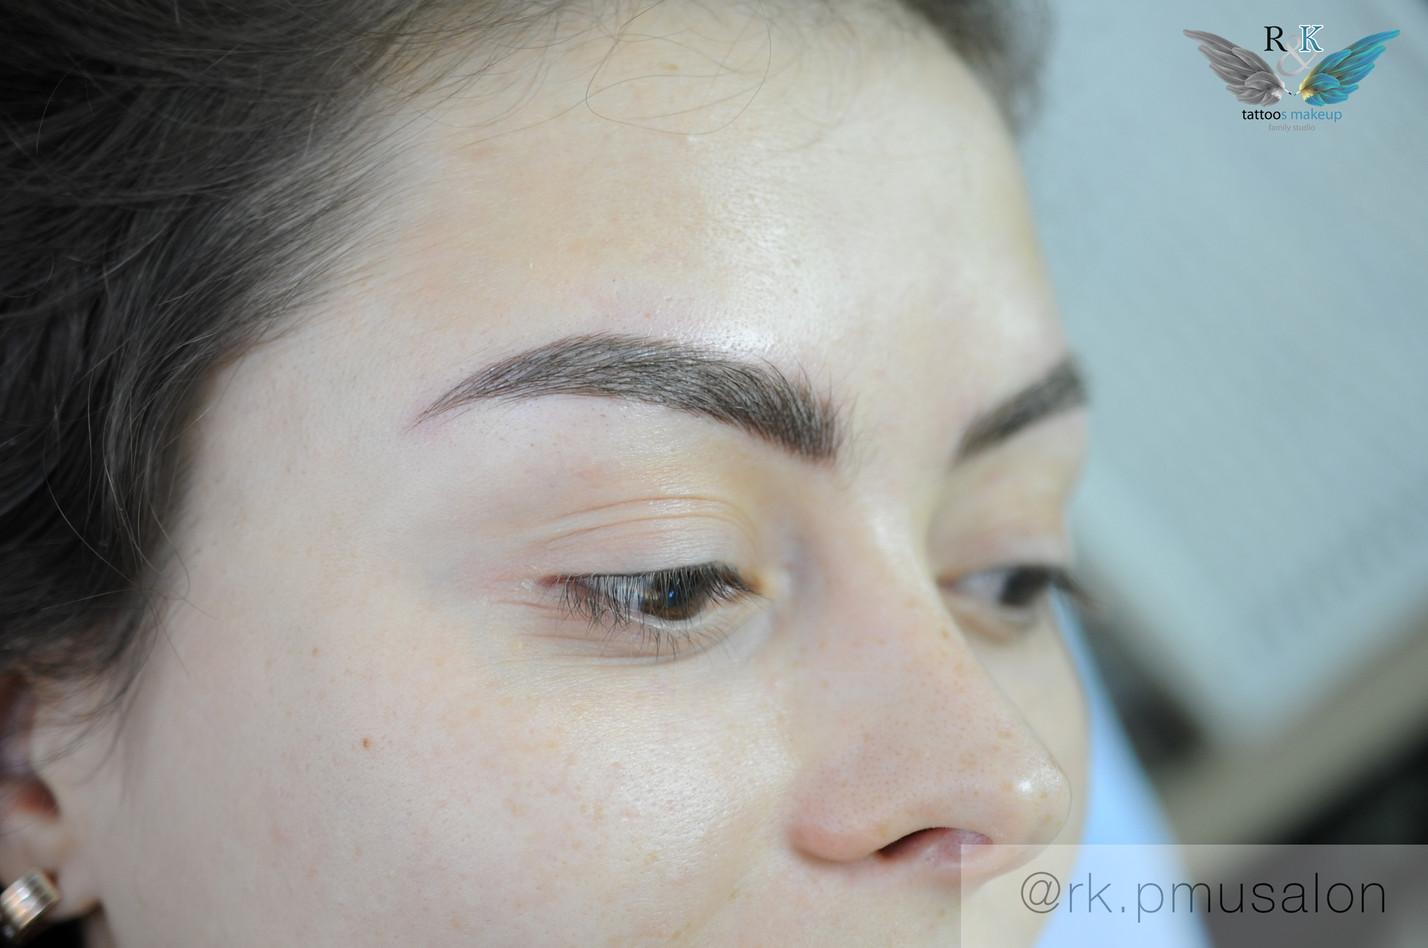 Перманентный макияж бровей в Объемной технике. Микроблейдинг бровей и Напыление.